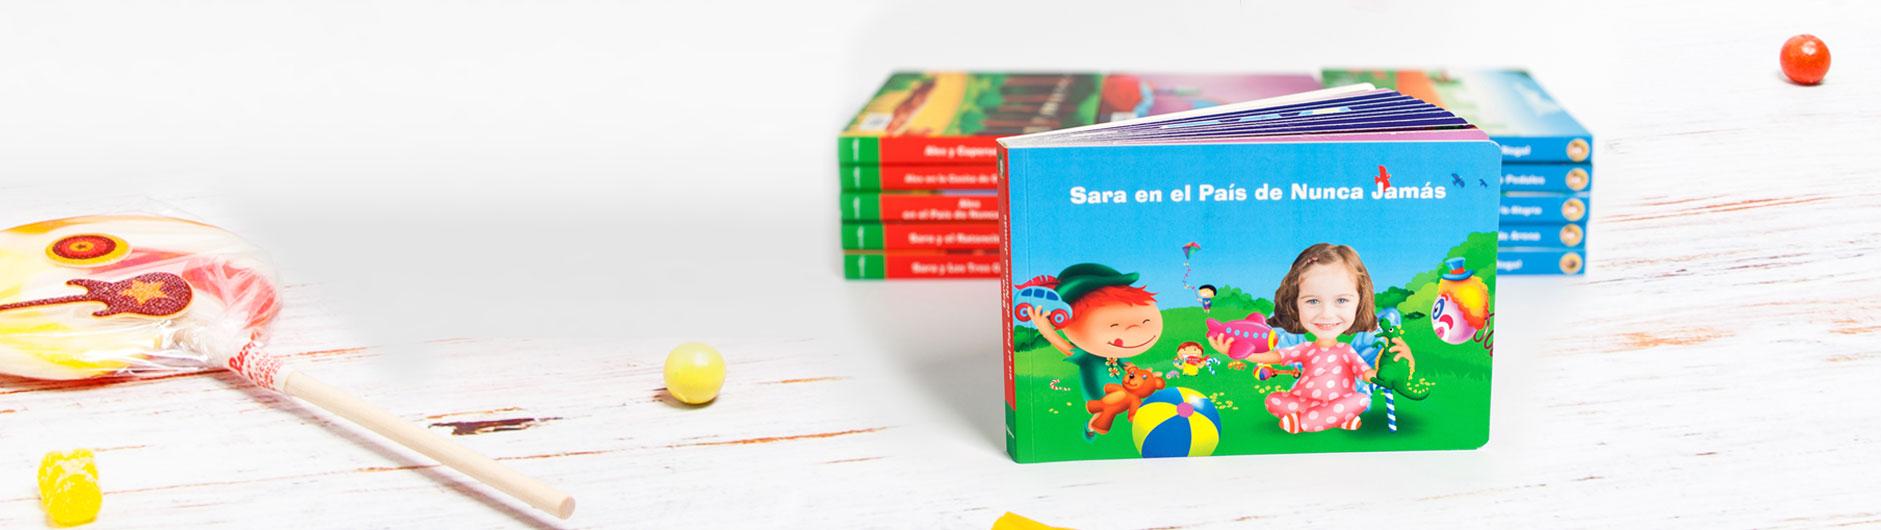 libros infantiles personalizados